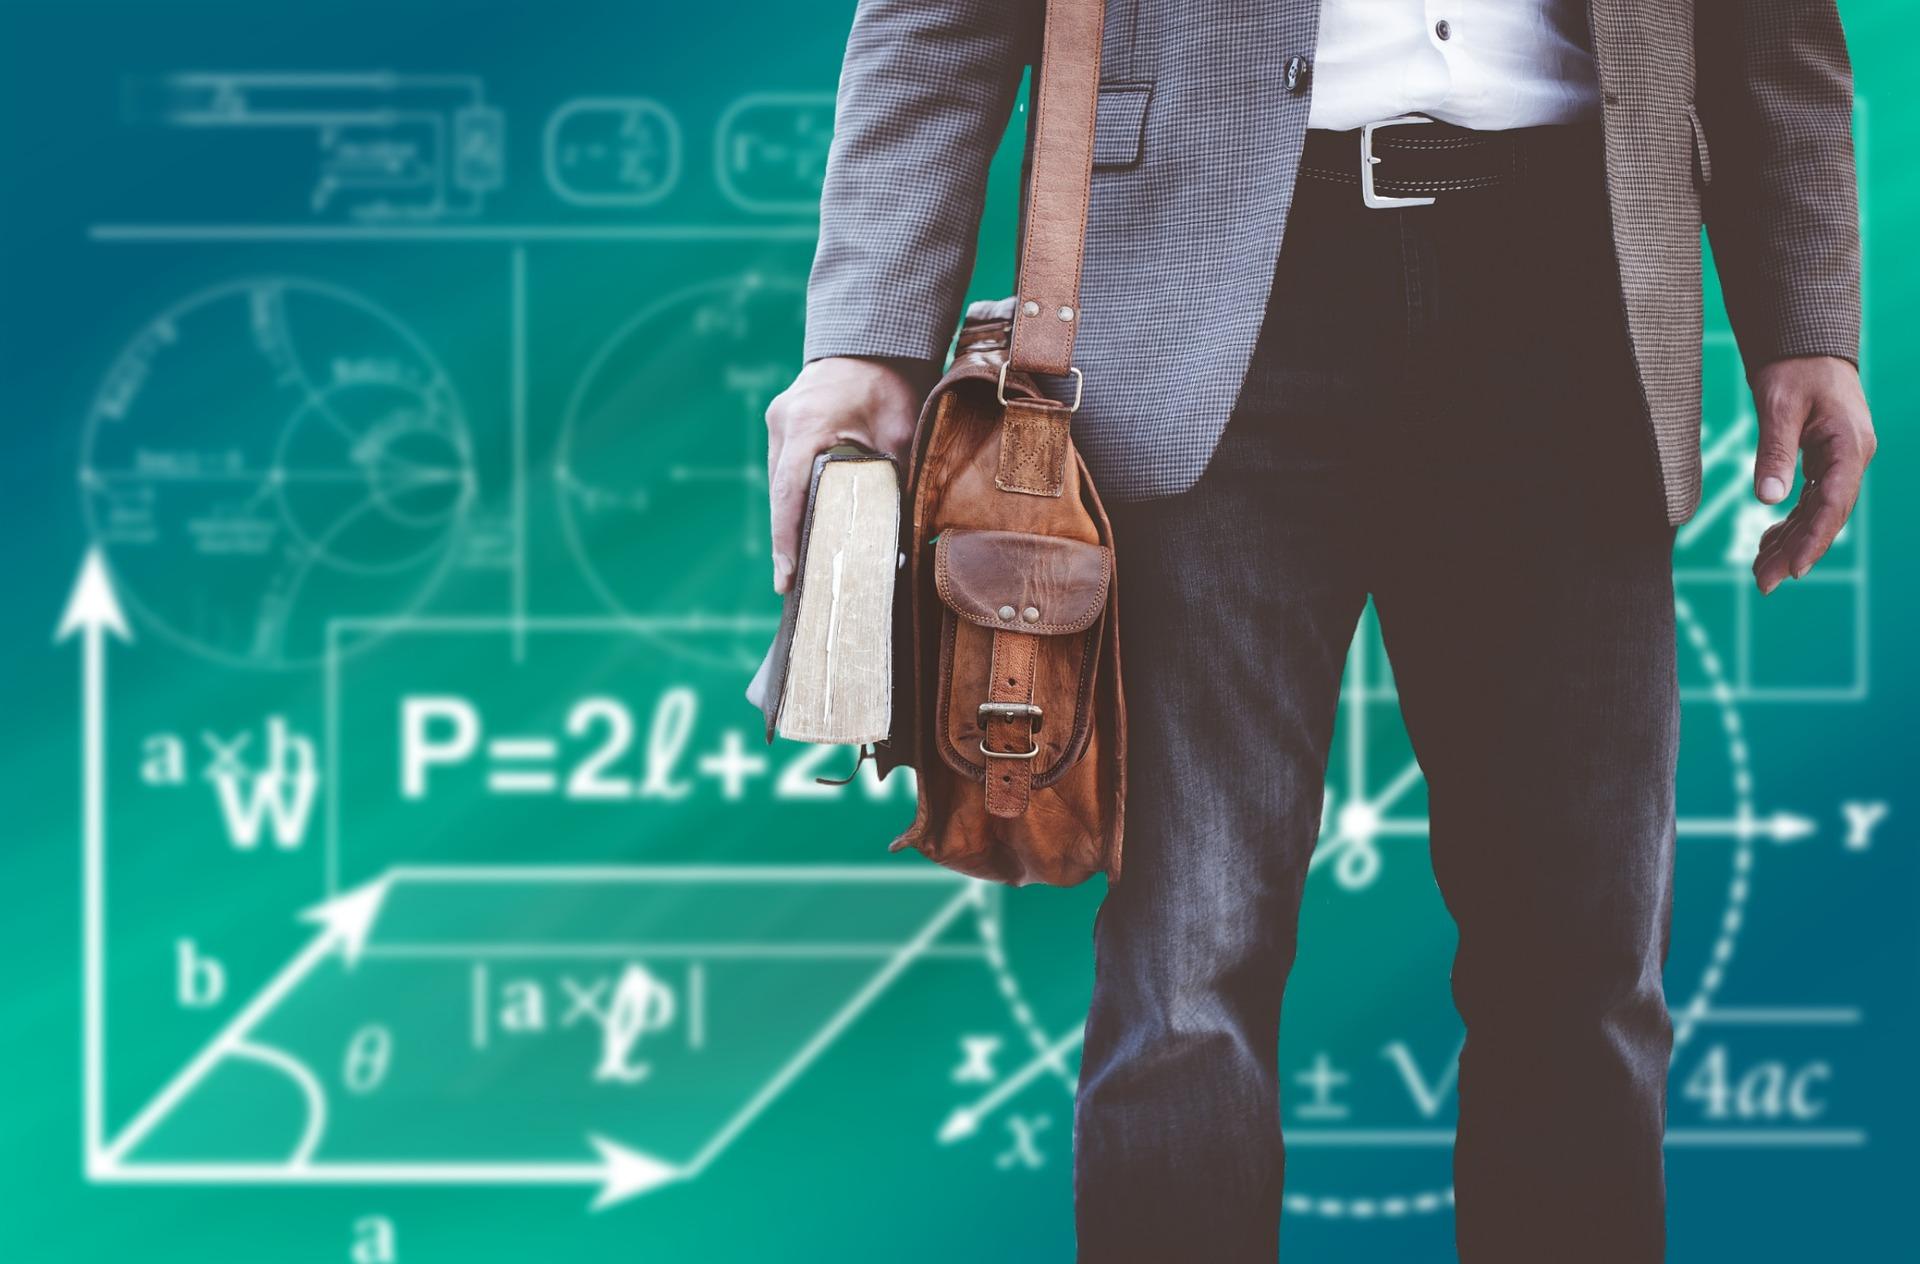 Fogynak az iskolások és a tanárok